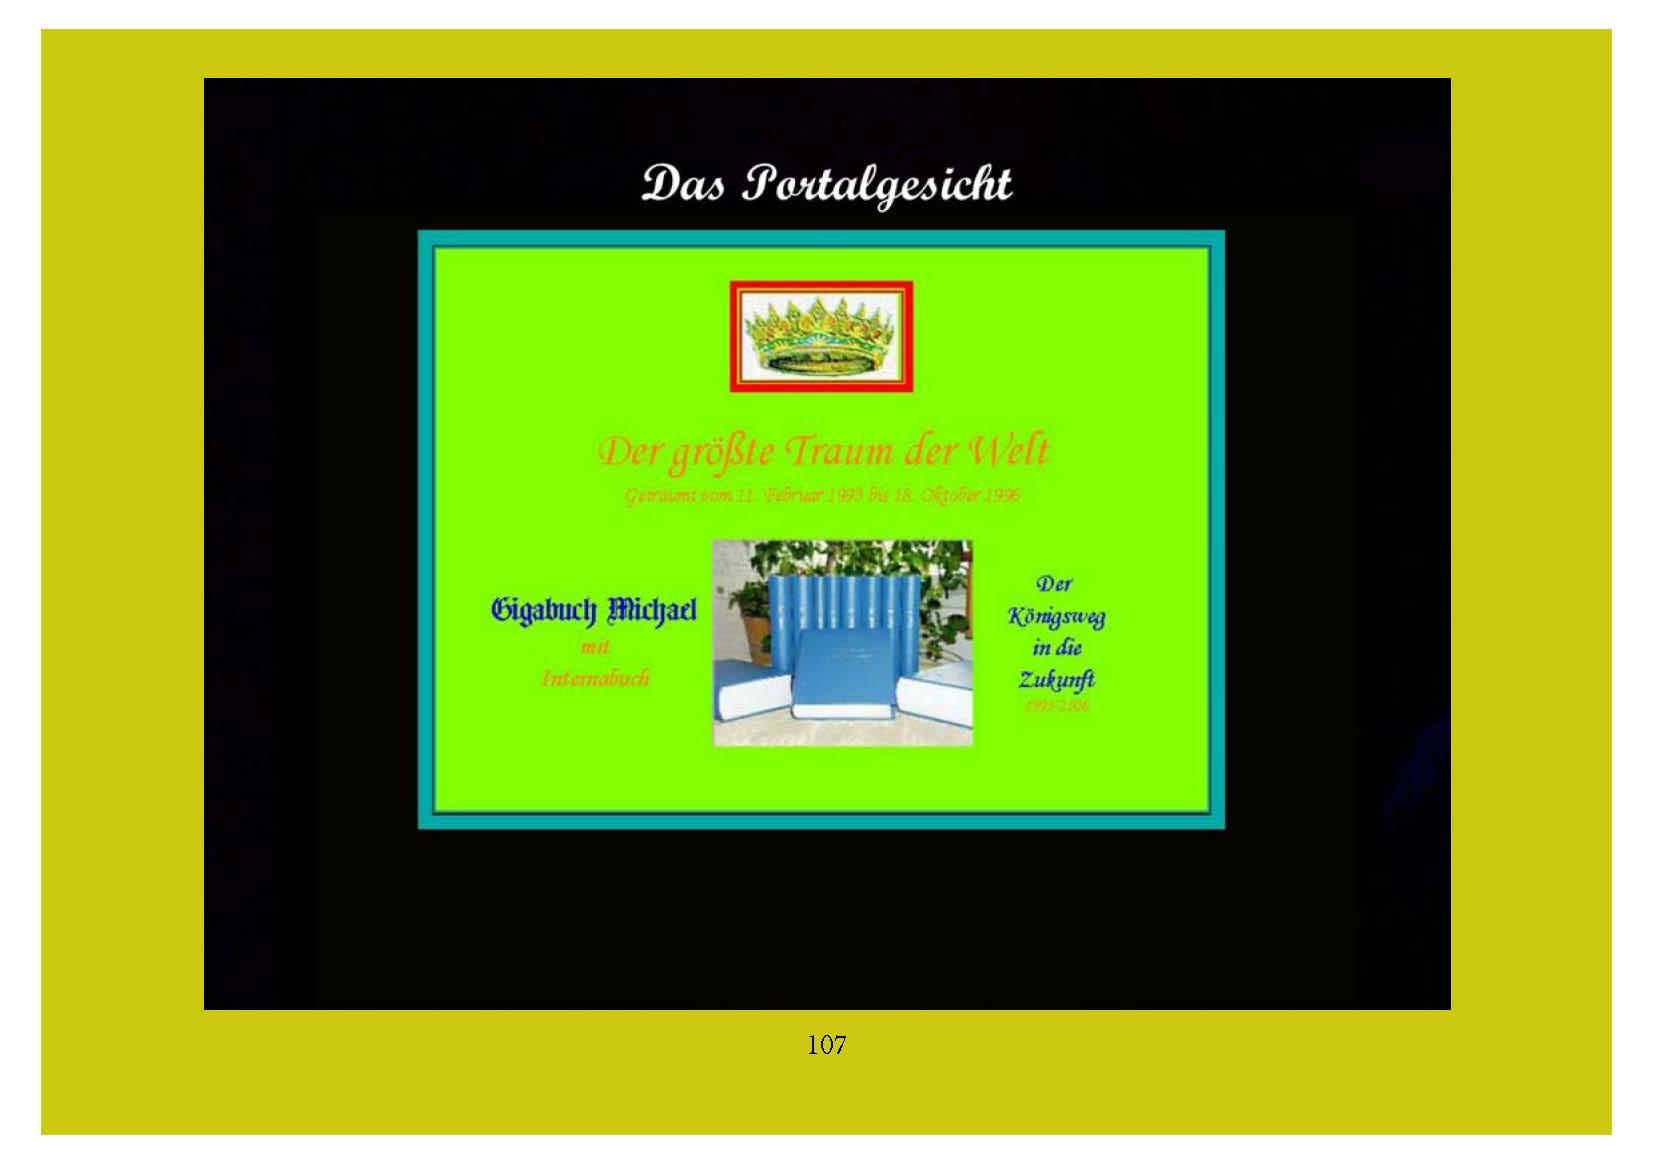 ™Gigabuch-Bibliothek/iAutobiographie Band 13/Bild 0949